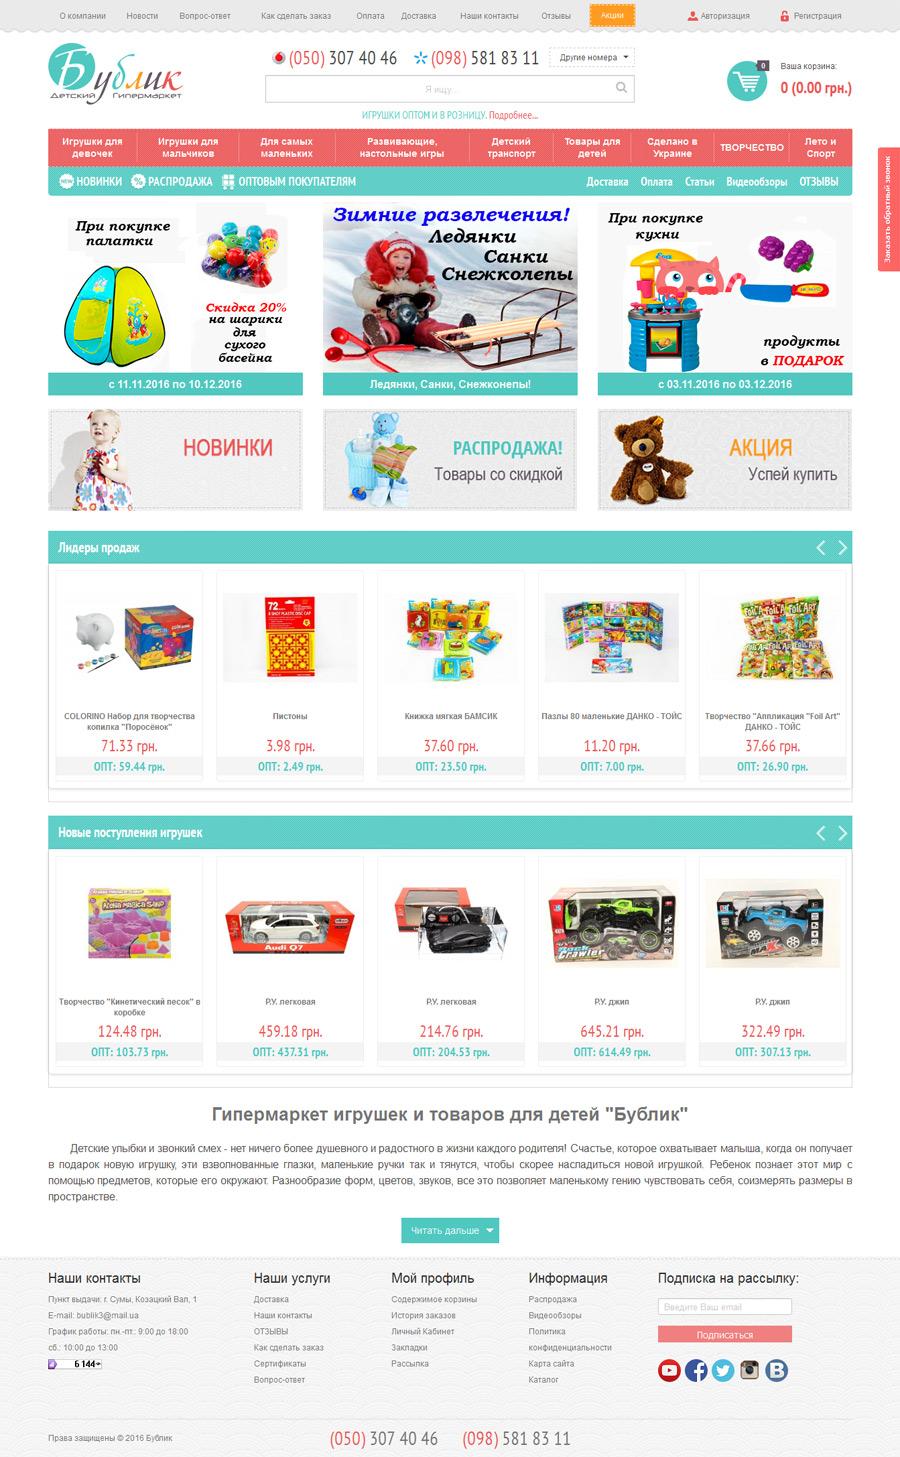 502 Магазин детских товаров Bublik